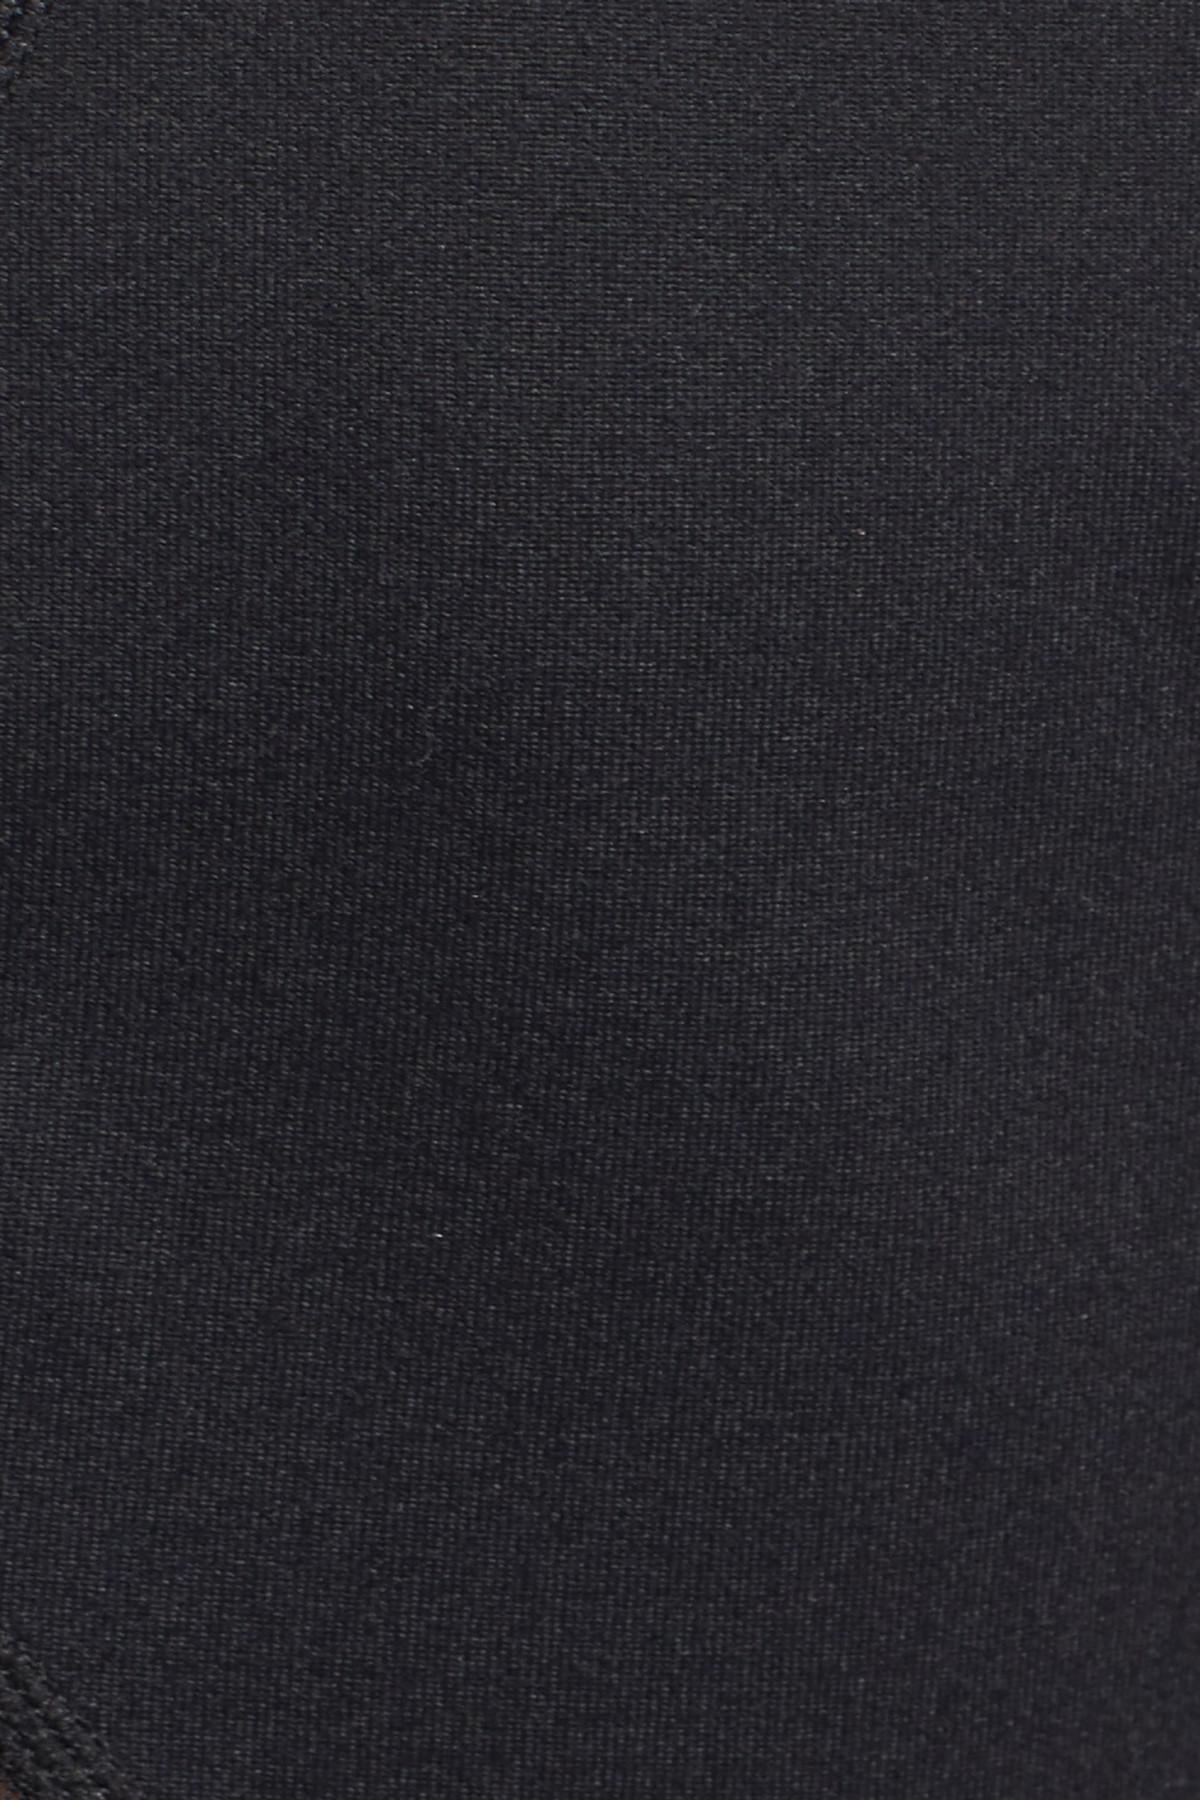 be2ca291a72 Lyst - Zella Stardust Training Jacket in Black